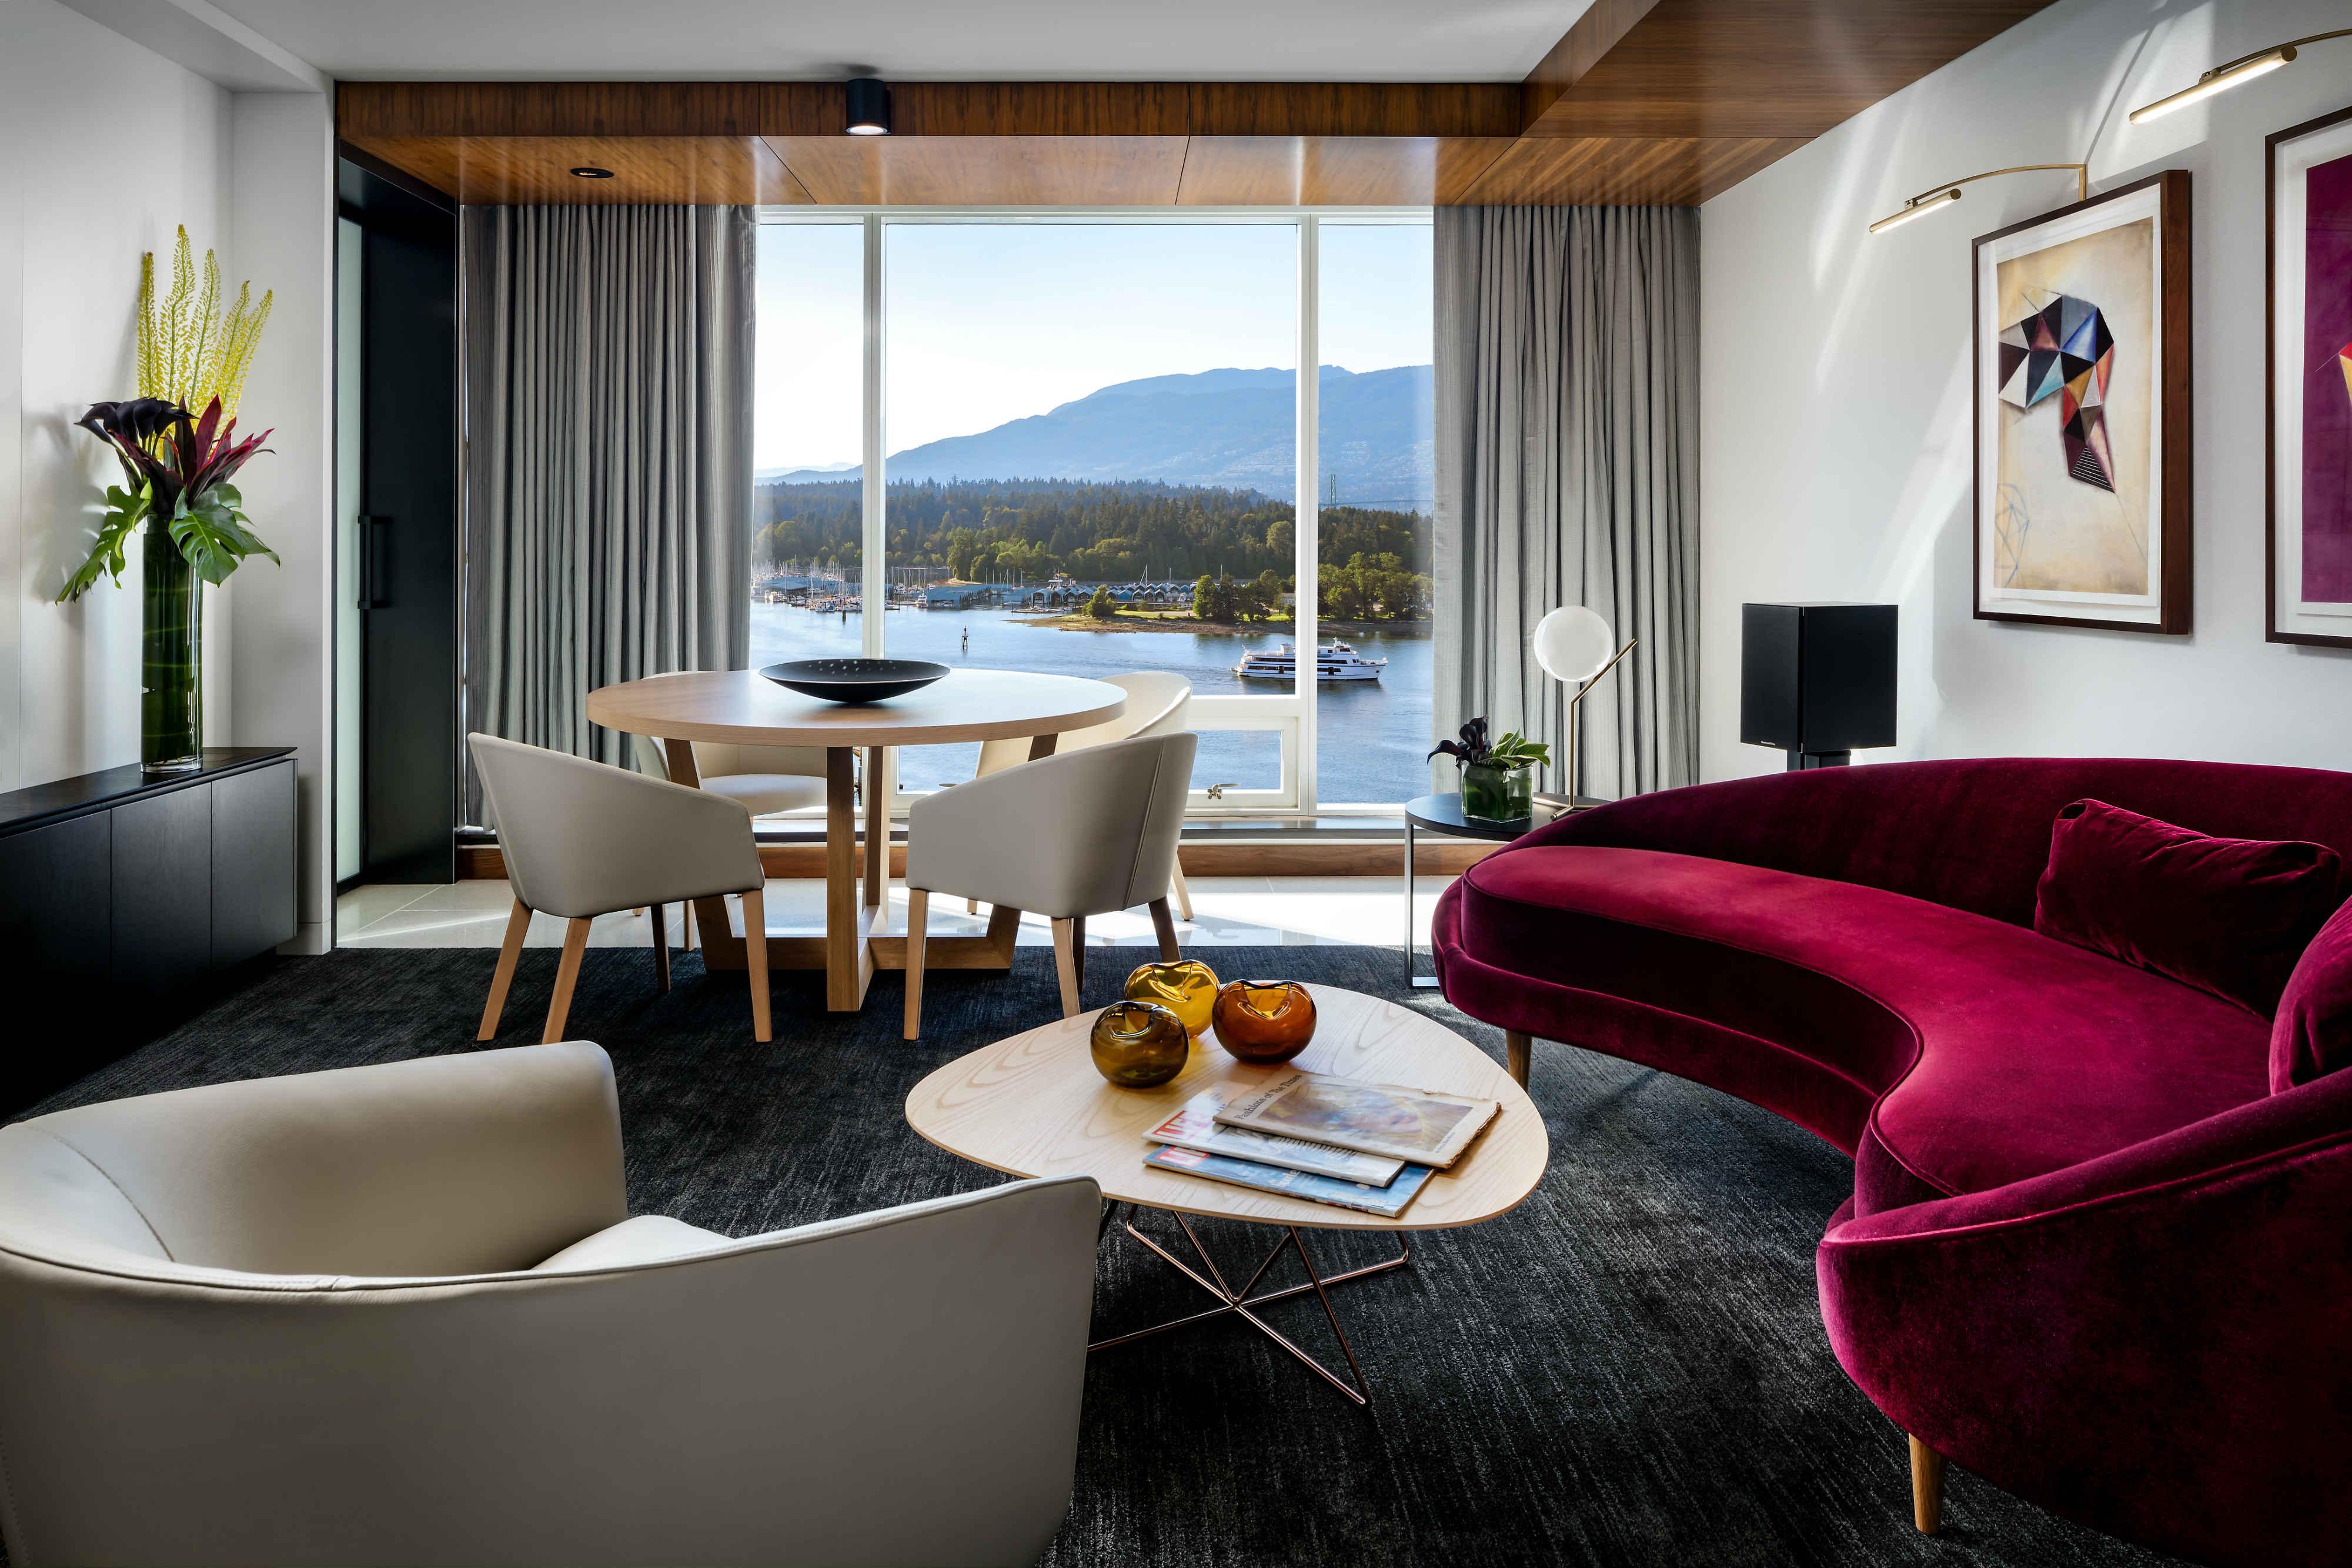 Fairmont Pacific Rim Owner's Suite